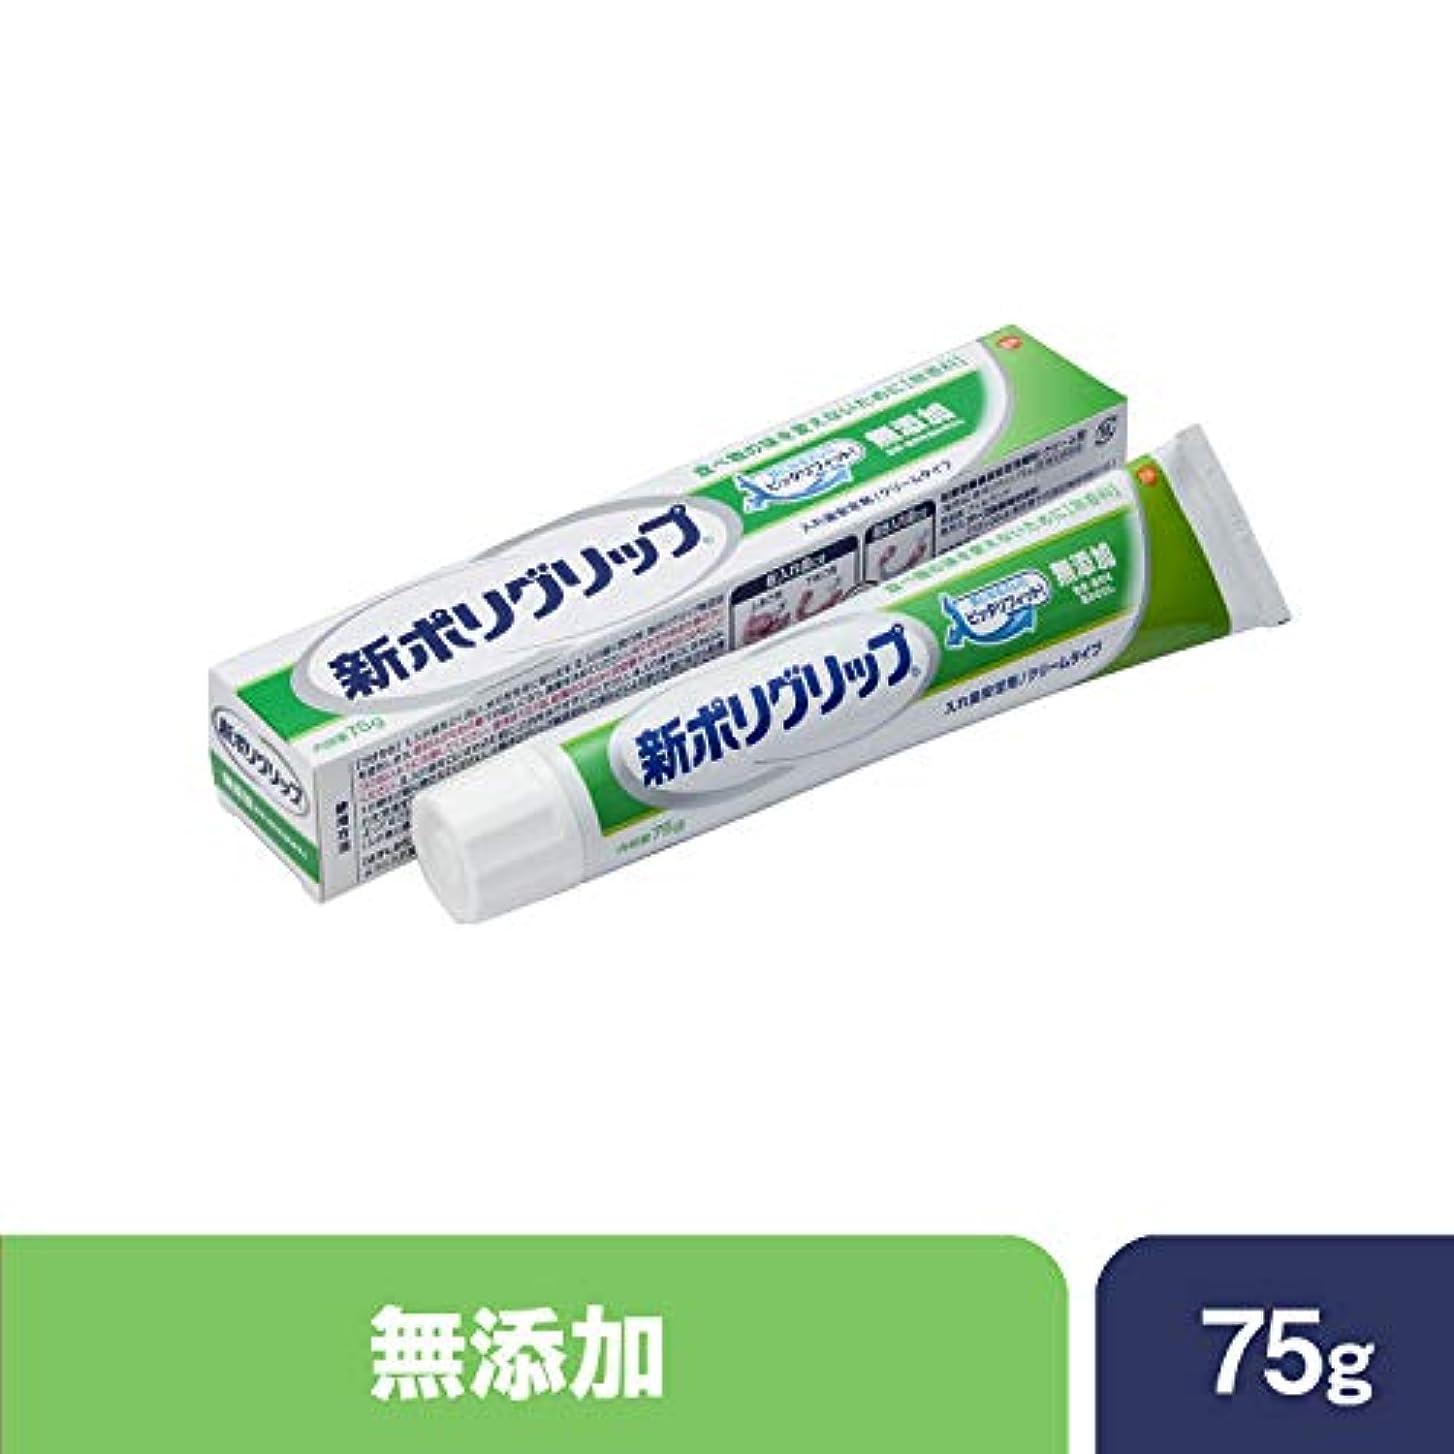 ありがたいドットエピソード部分?総入れ歯安定剤 新ポリグリップ 無添加(色素?香料を含みません) 75g